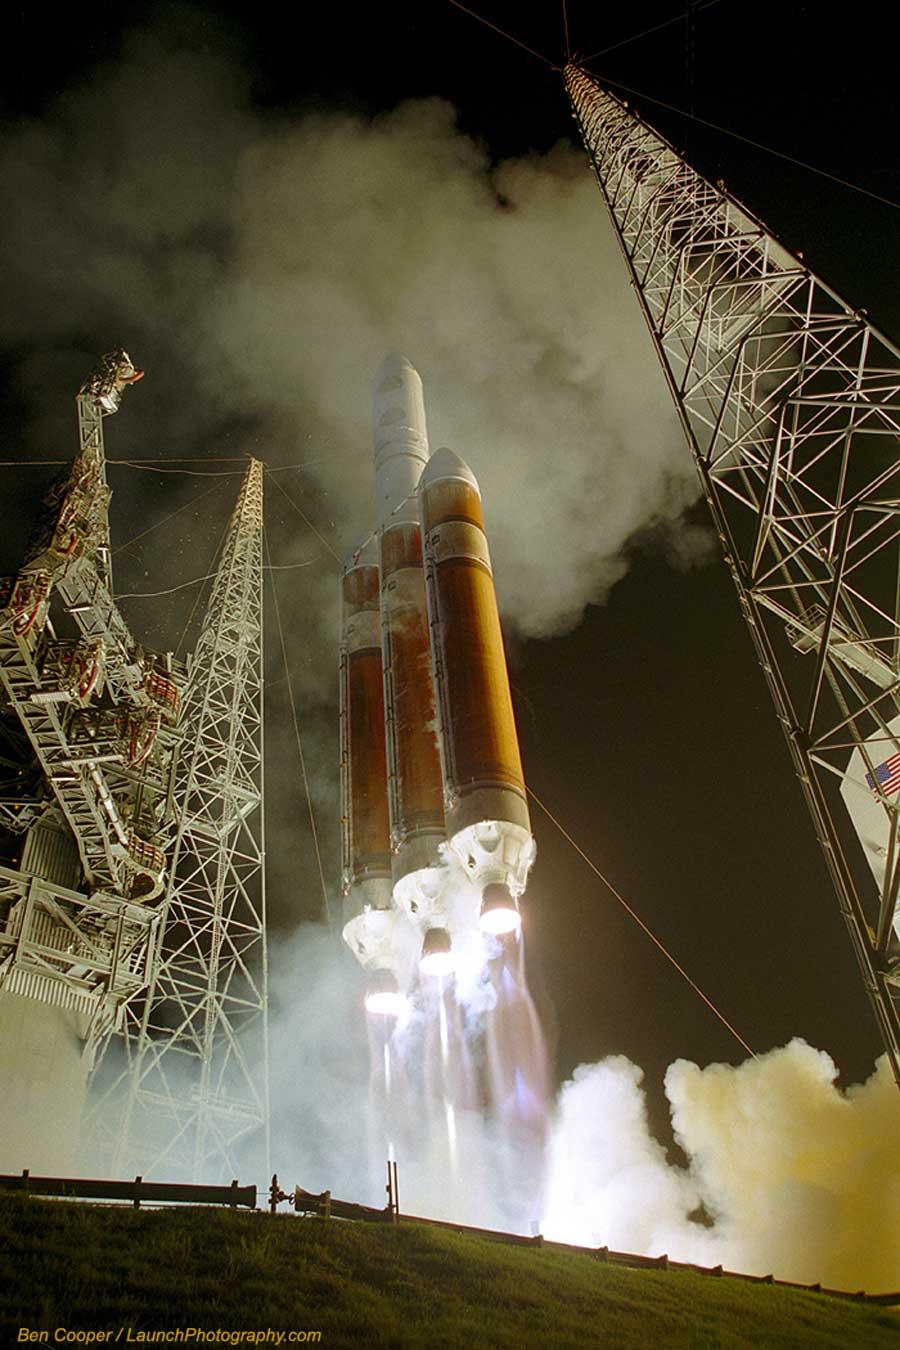 Lanzamiento de un Delta IV Heavy